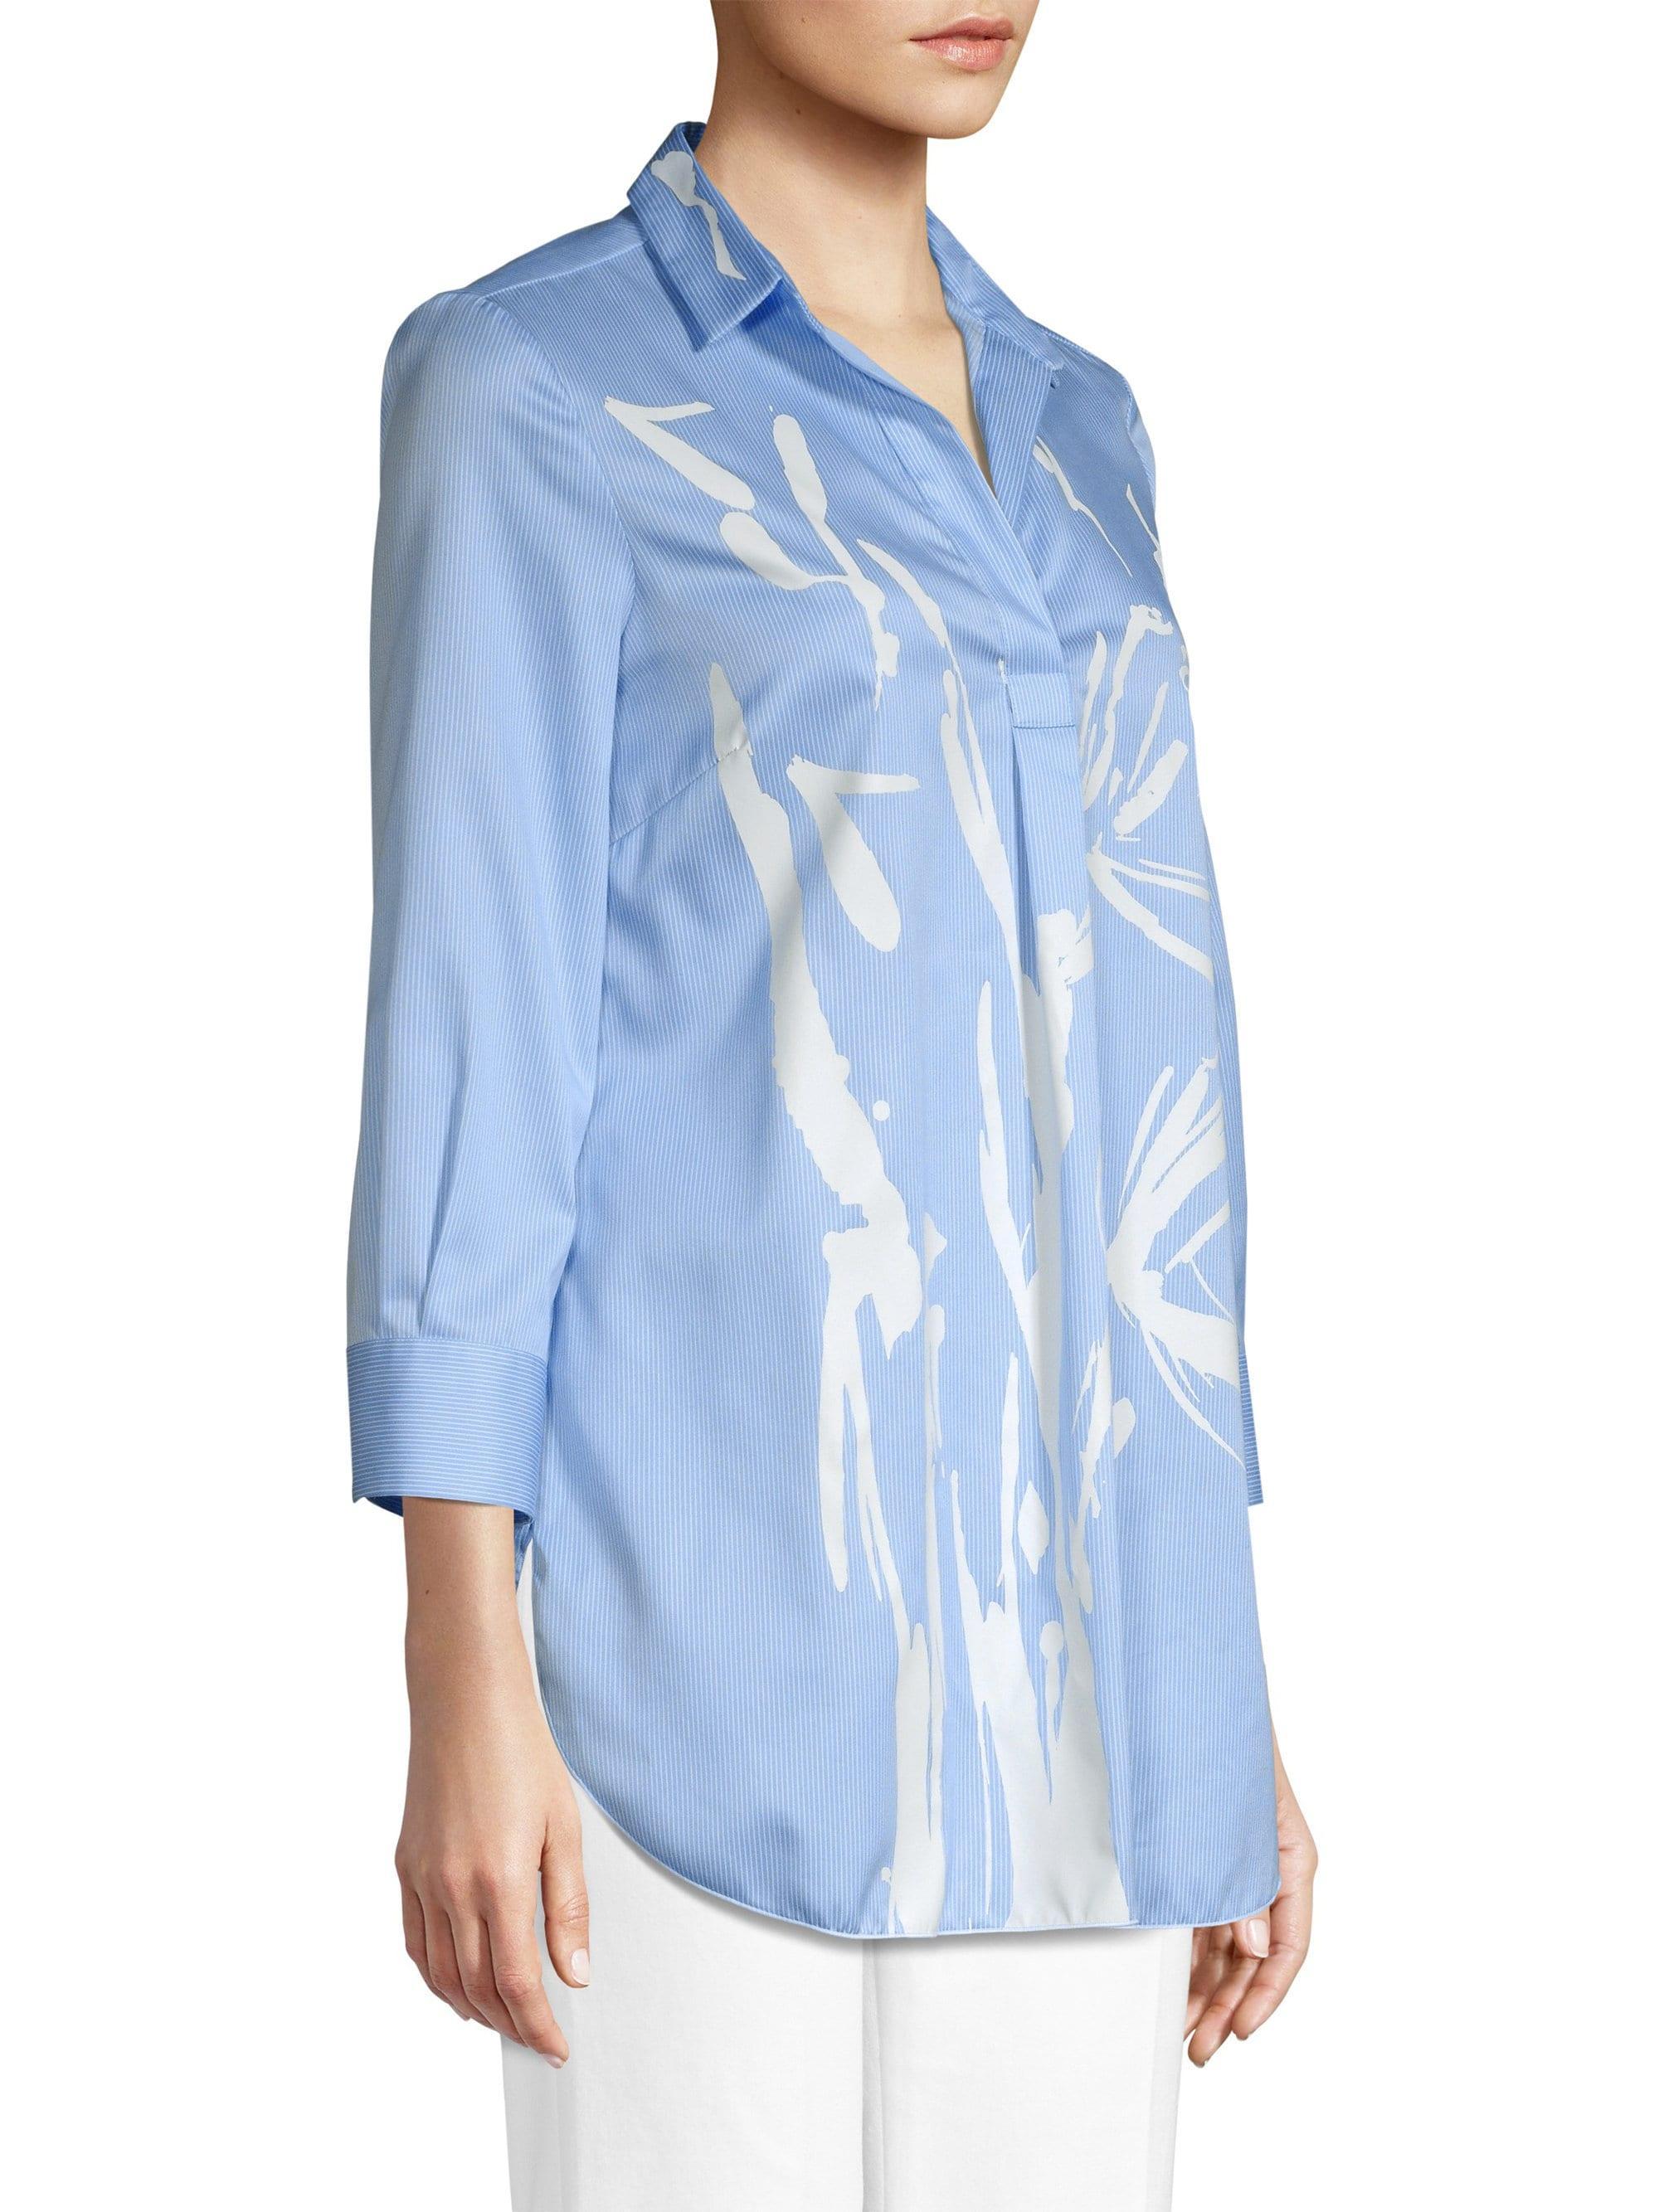 61765e52069 Piazza Sempione Eugenia Brush Stroke Striped Tunic in Blue - Lyst